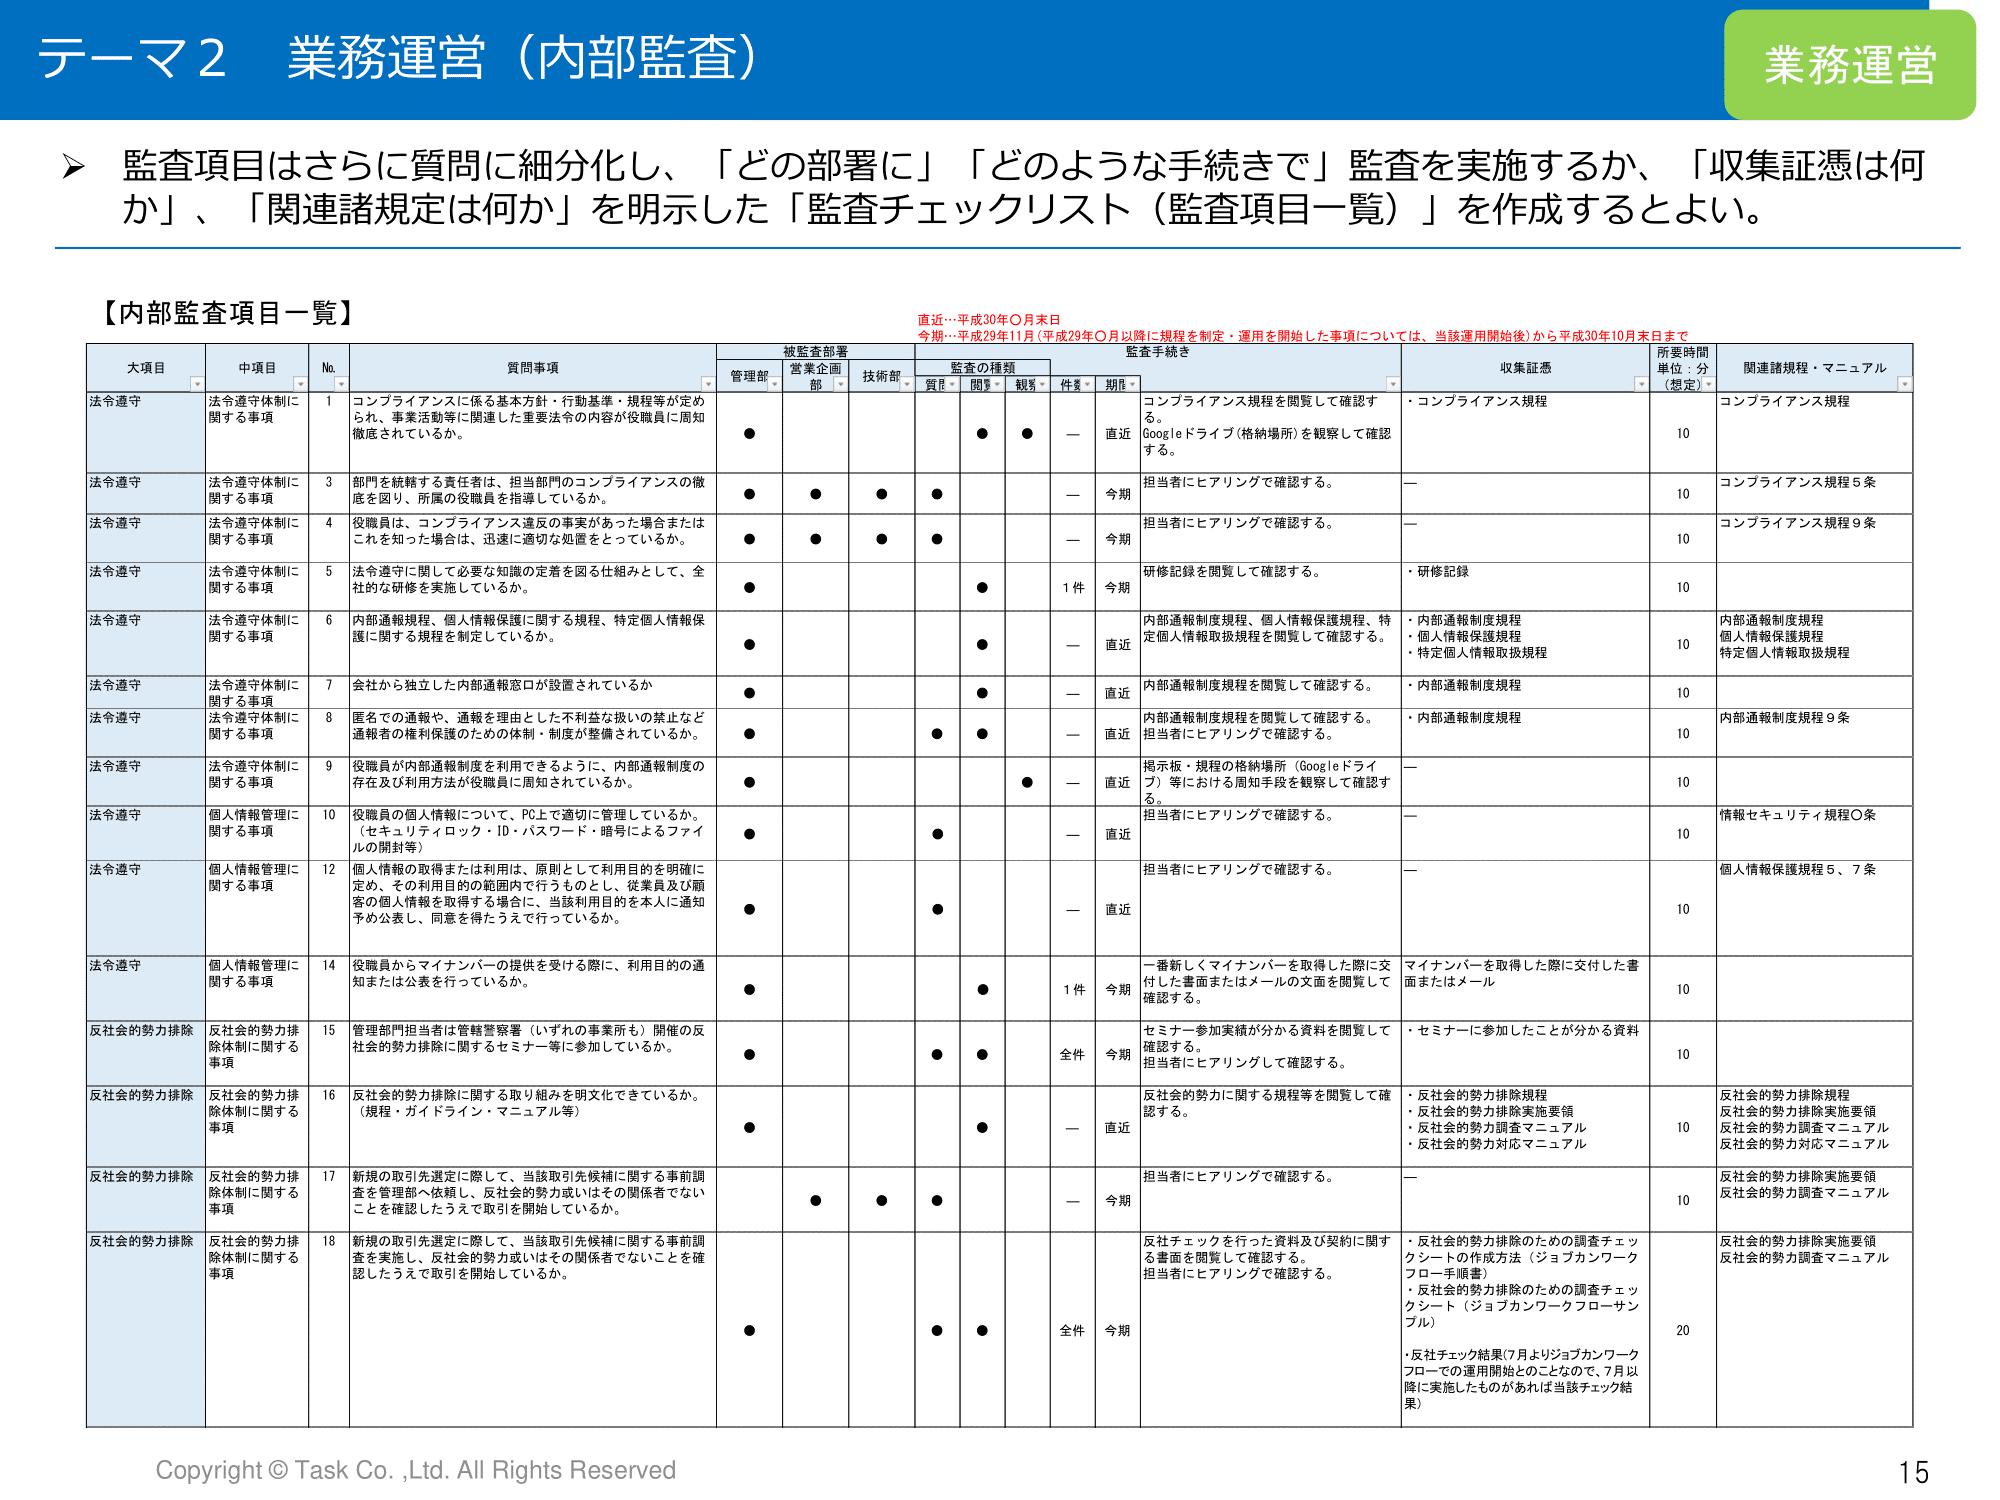 監査チェックリストの例、200以上の項目で監査